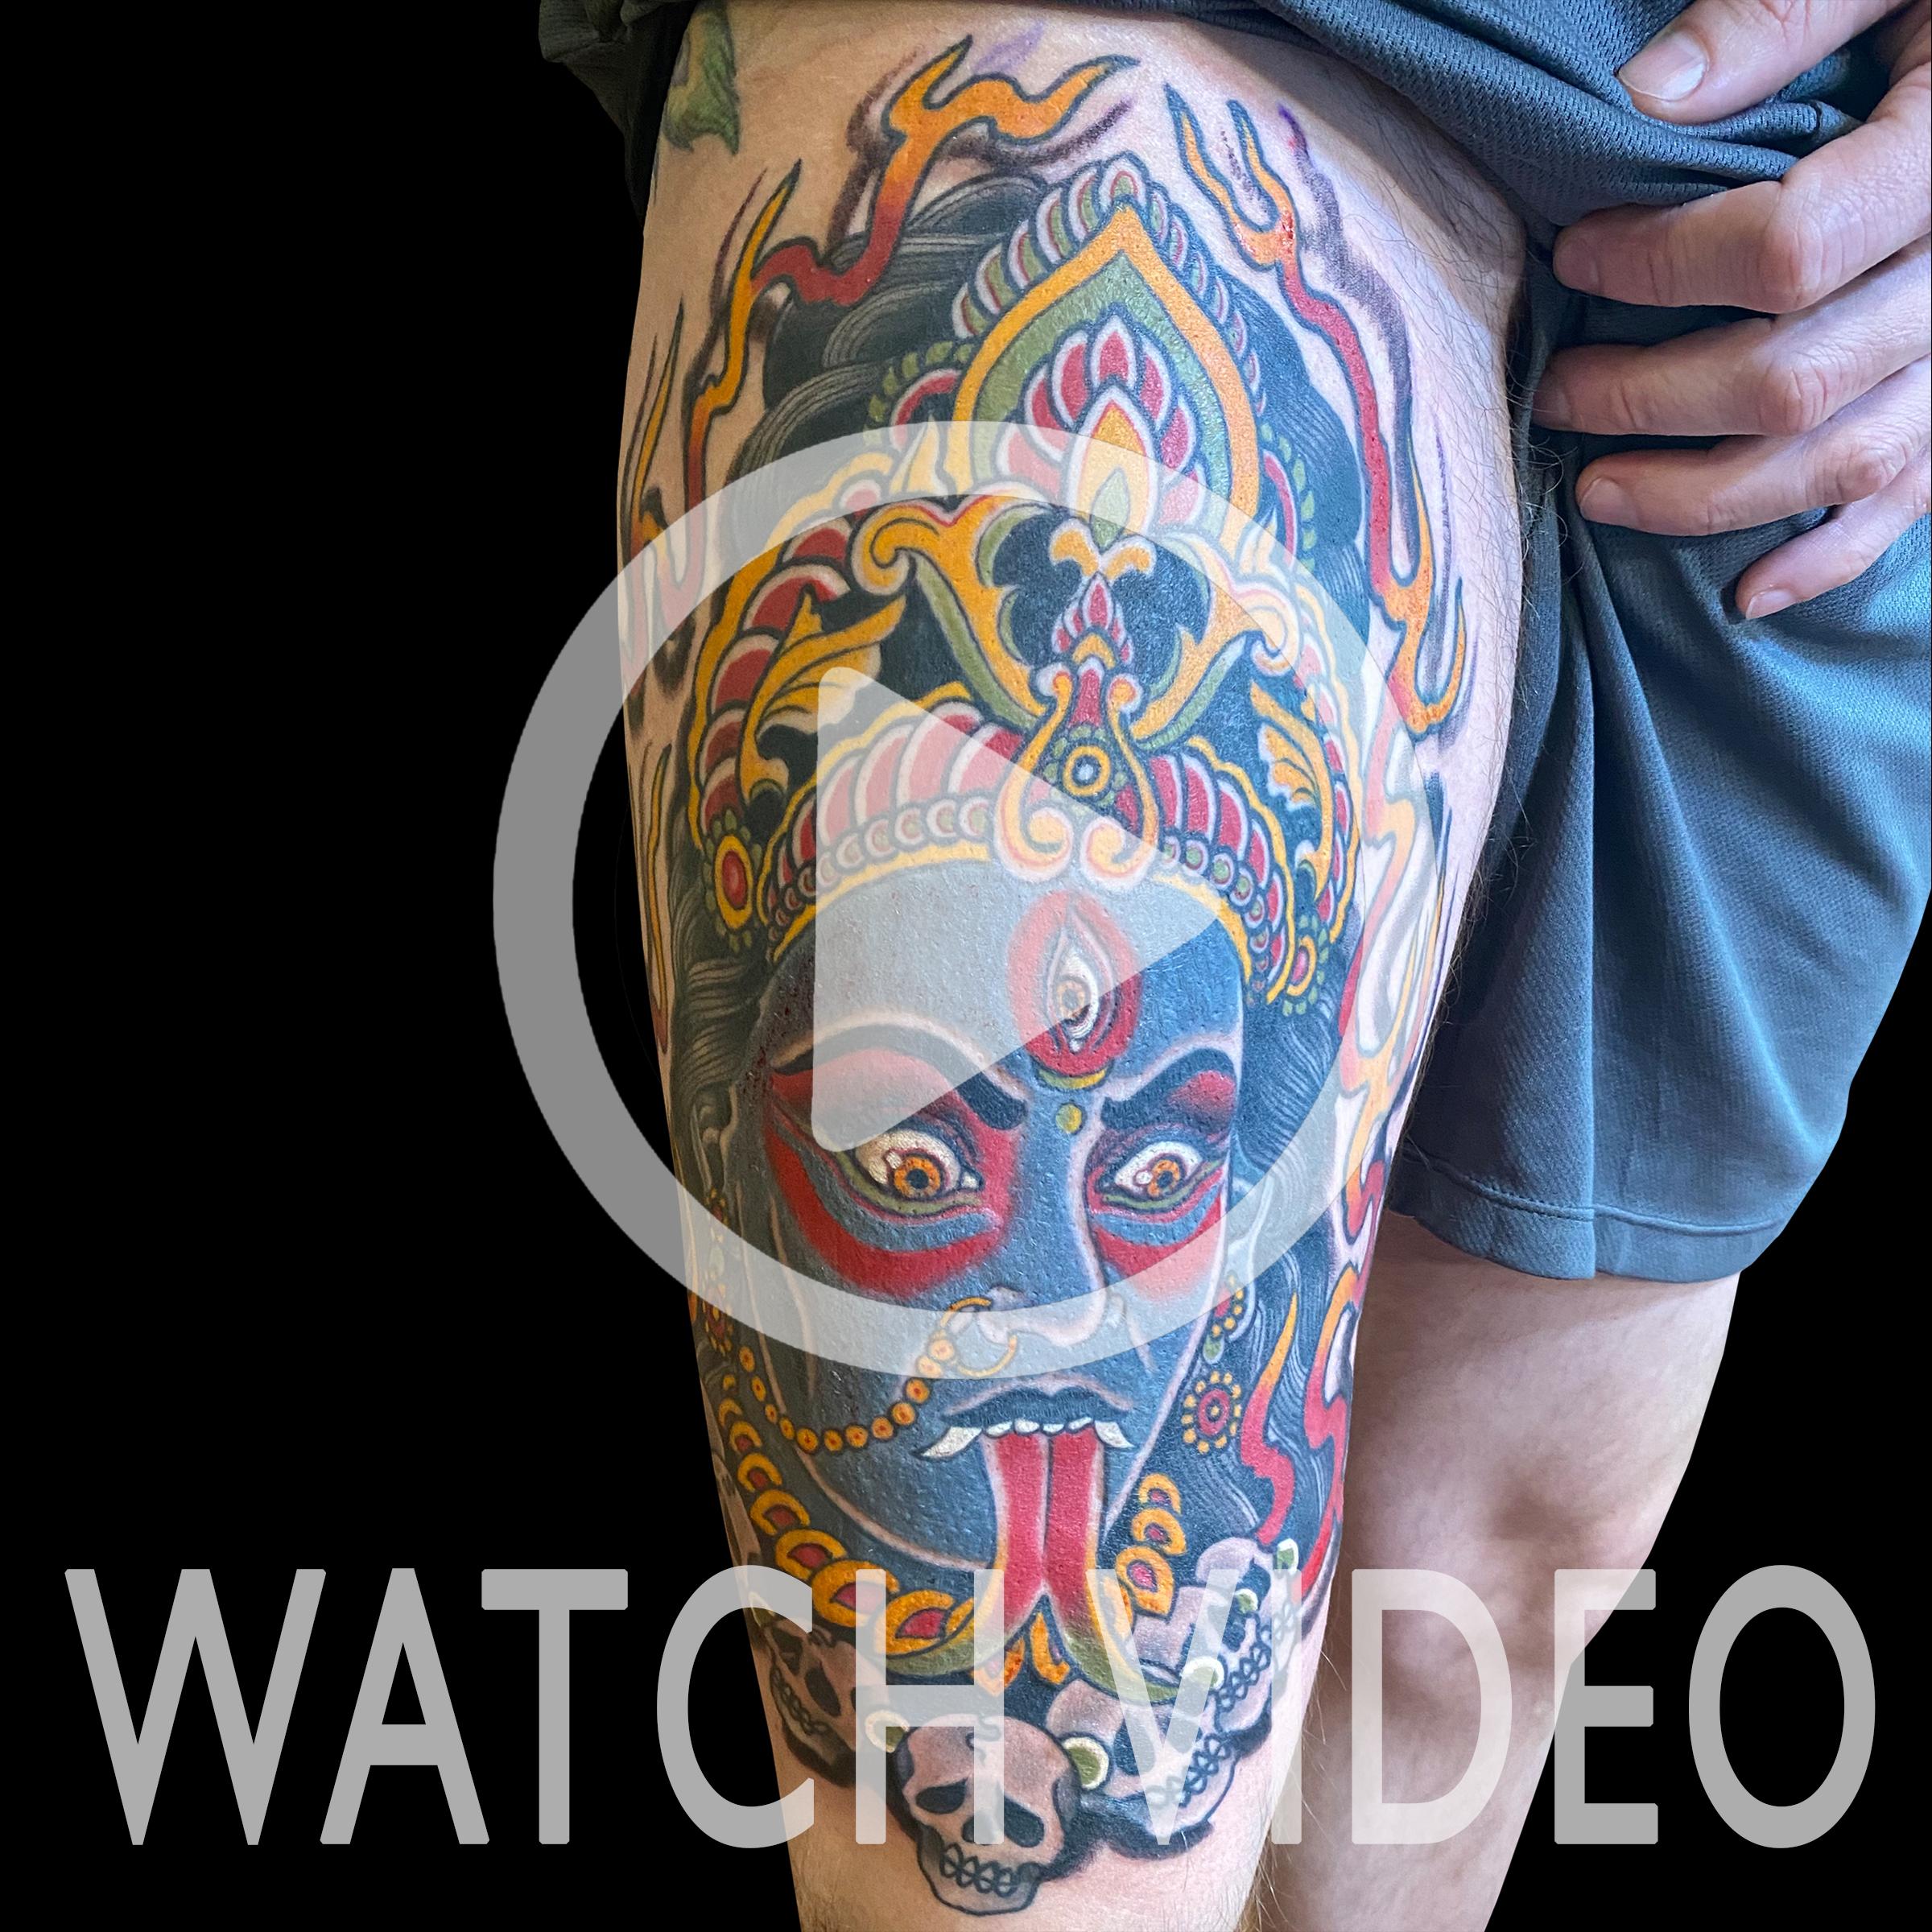 LarkTattoo, MattEllis, MattEllisLarkTattoo, Tattoo, Tattoos, Kali, KaliTattoo, Kalika, KalikaTattoo, ColorTattoo, GoddessTattoo, TattooArtist, Tattoist, Tattooer, LongIslandTattooArtist, LongIslandTattooer, LongIslandTattoo, TattooOfTheDay, Tat, Tats, Tatts, Tatted, Inked, Ink, TattooInk, AmazingInk, AmazingTattoo, BodyArt, LarkTattooWestbury, Westbury, LongIsland, NY, NewYork, USA, Art, Tattedup, InkedUp, LarkTattoos